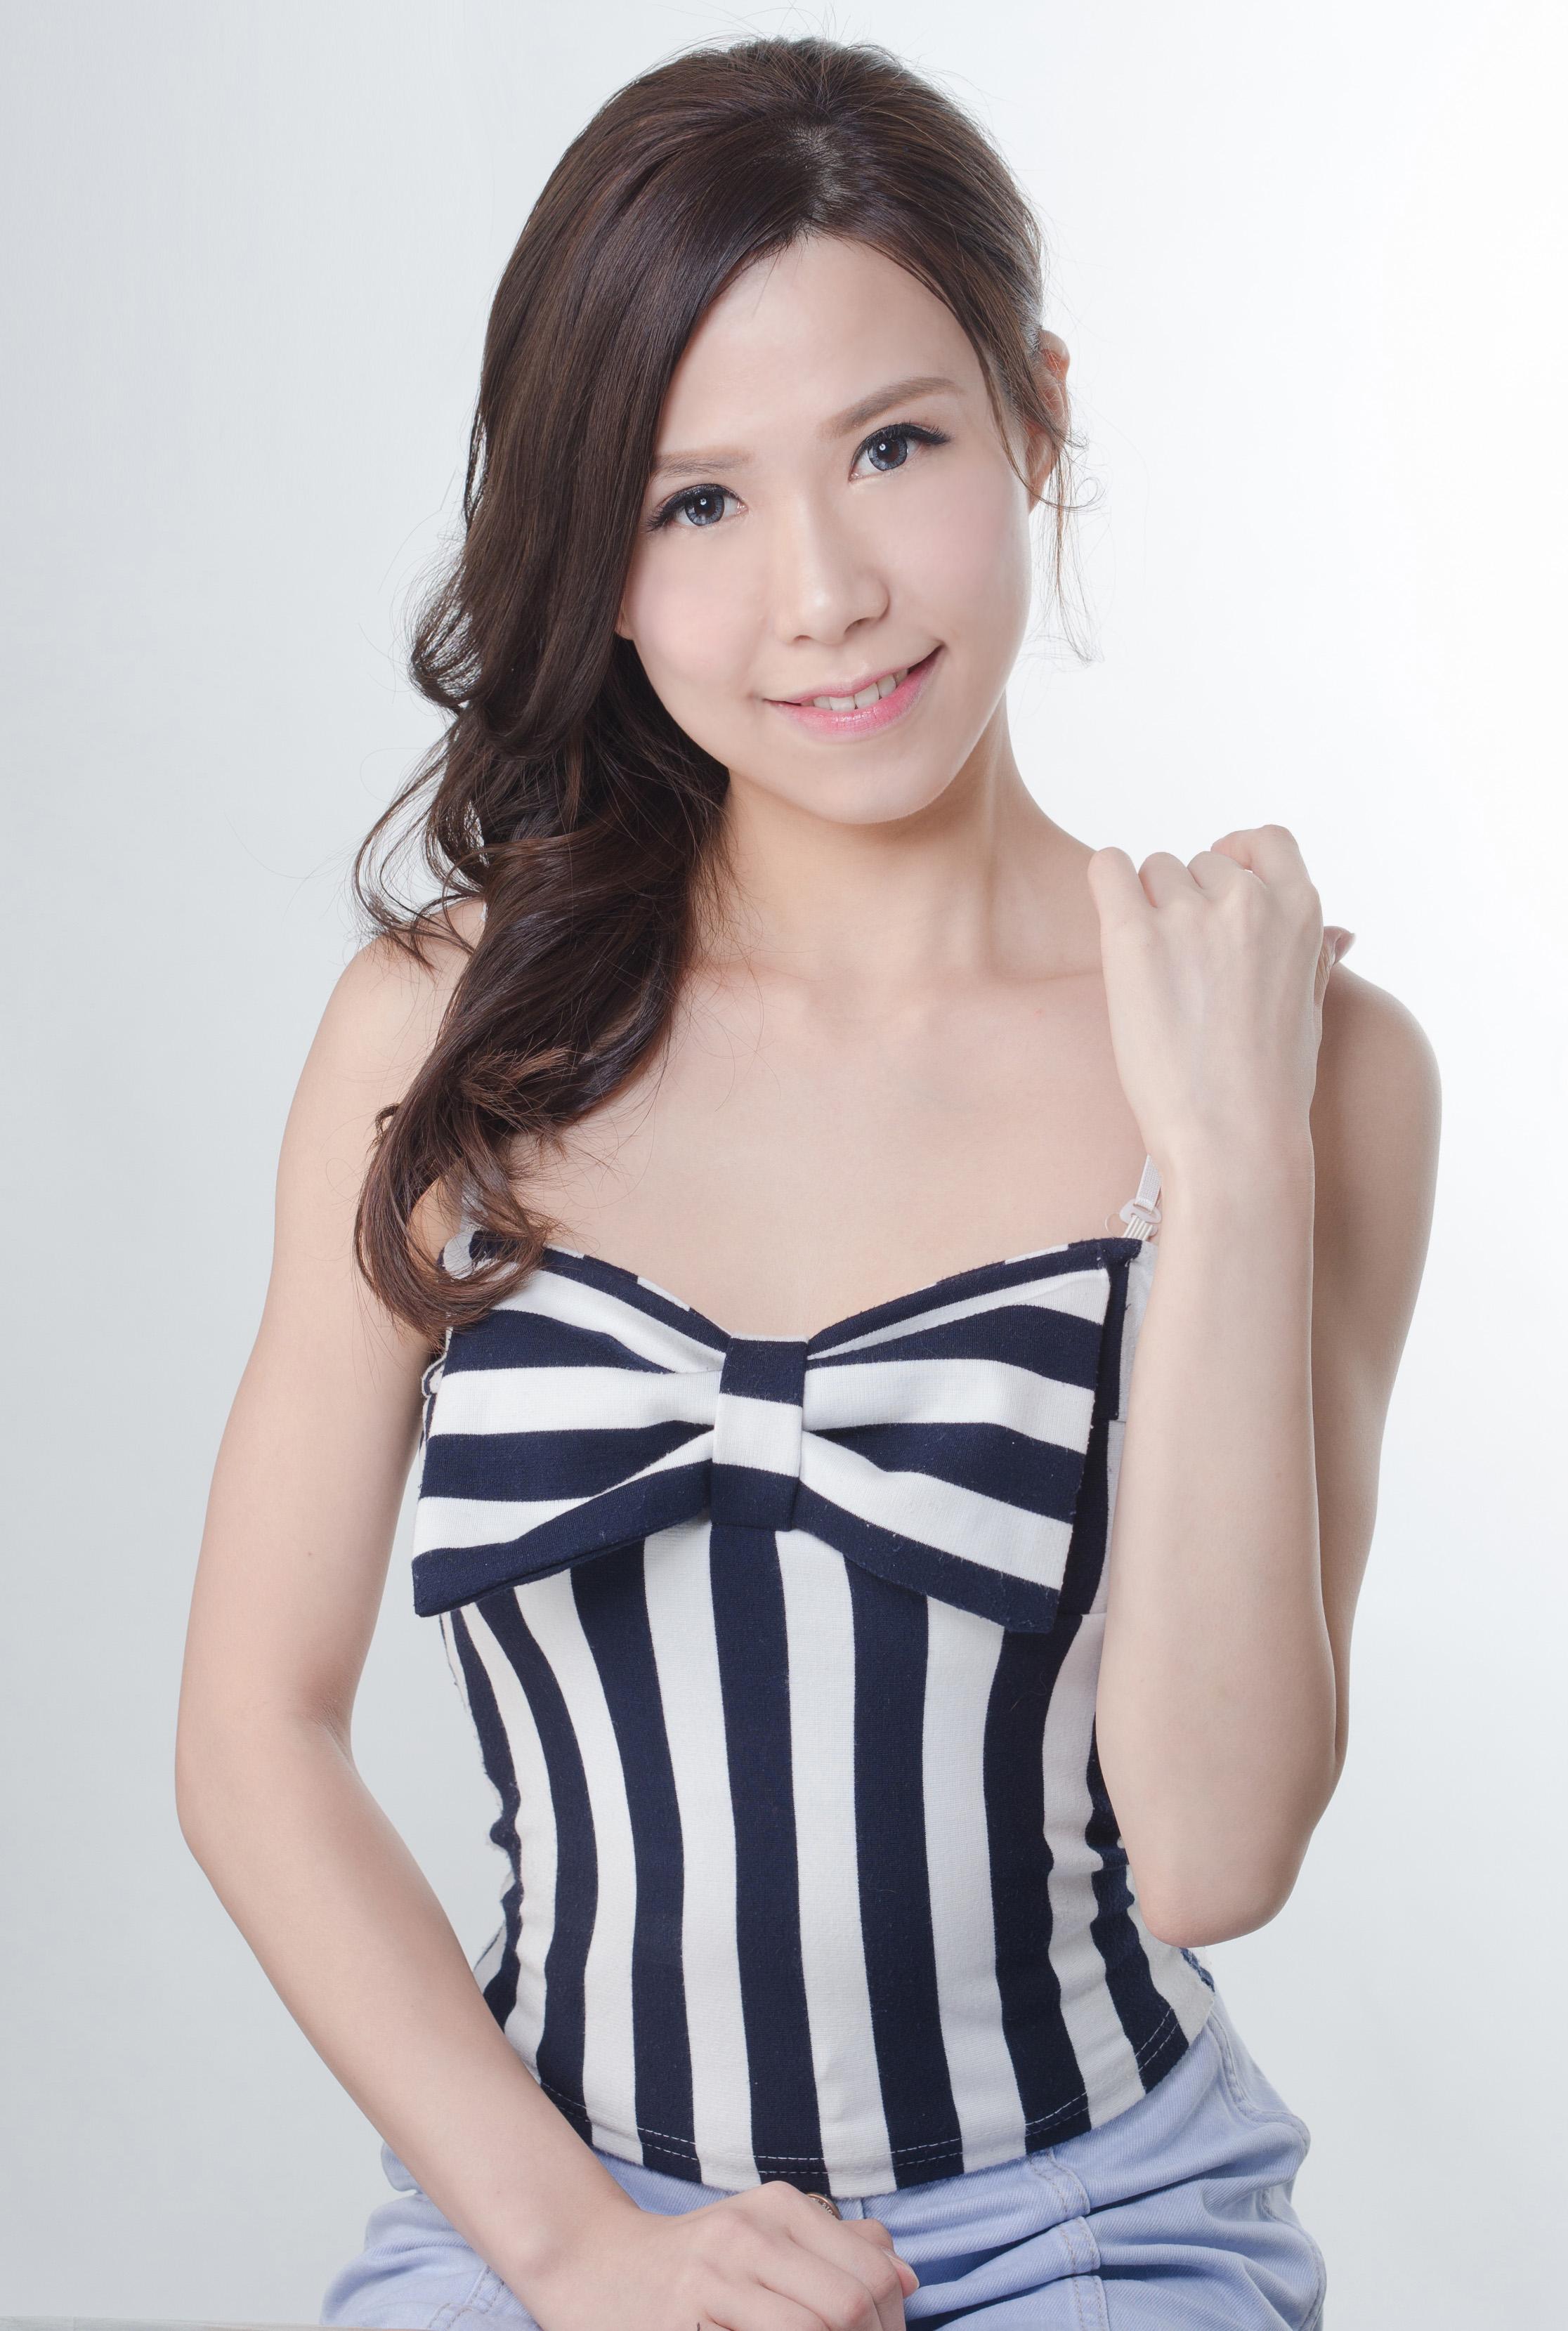 Model Factory Hong Kong Female Model YennasC